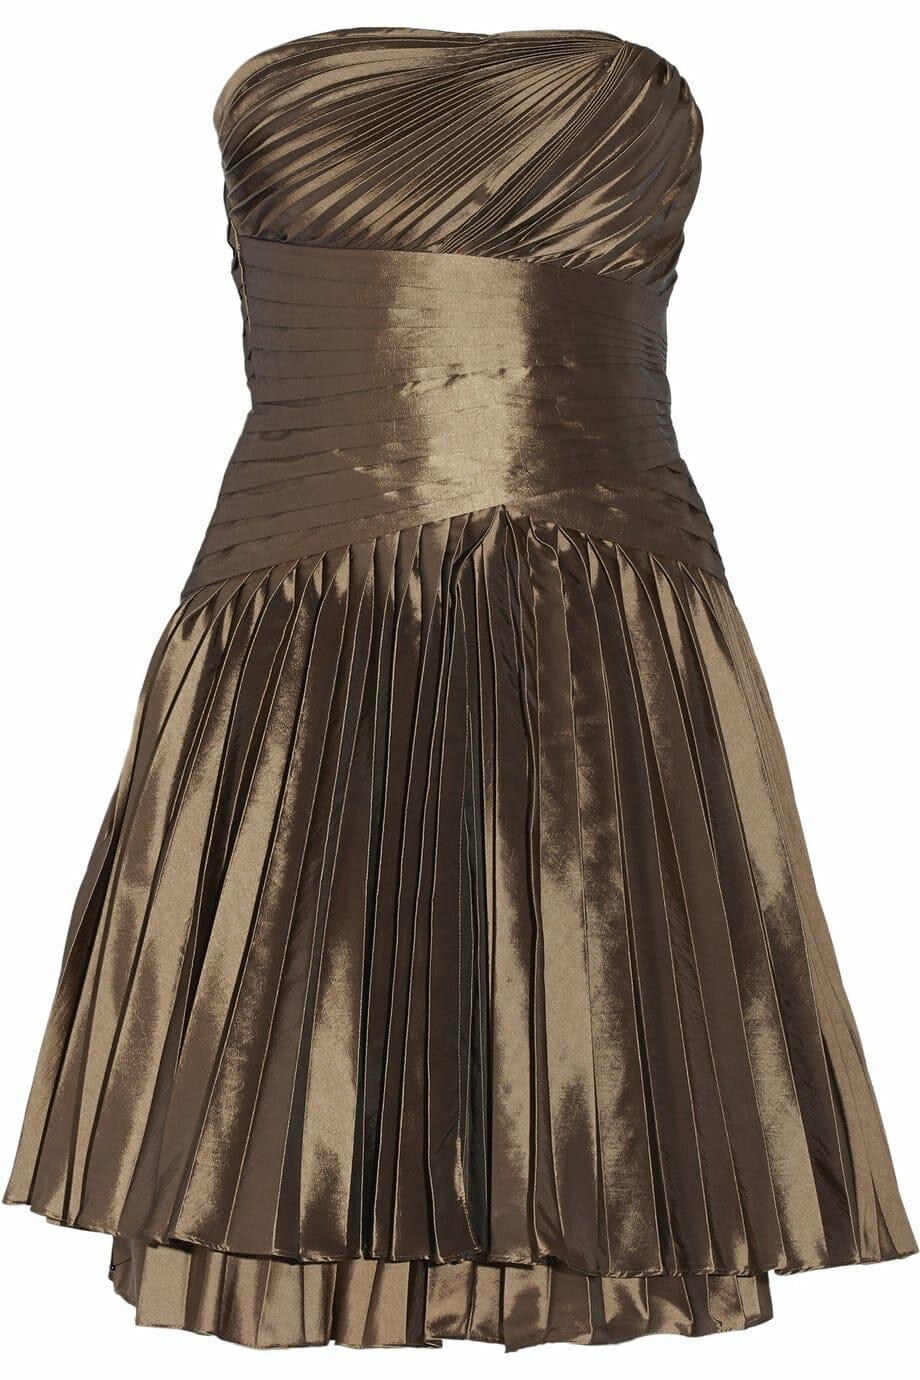 أحدث تصميمات الفساتين البنى على الطراز التركى تجنن